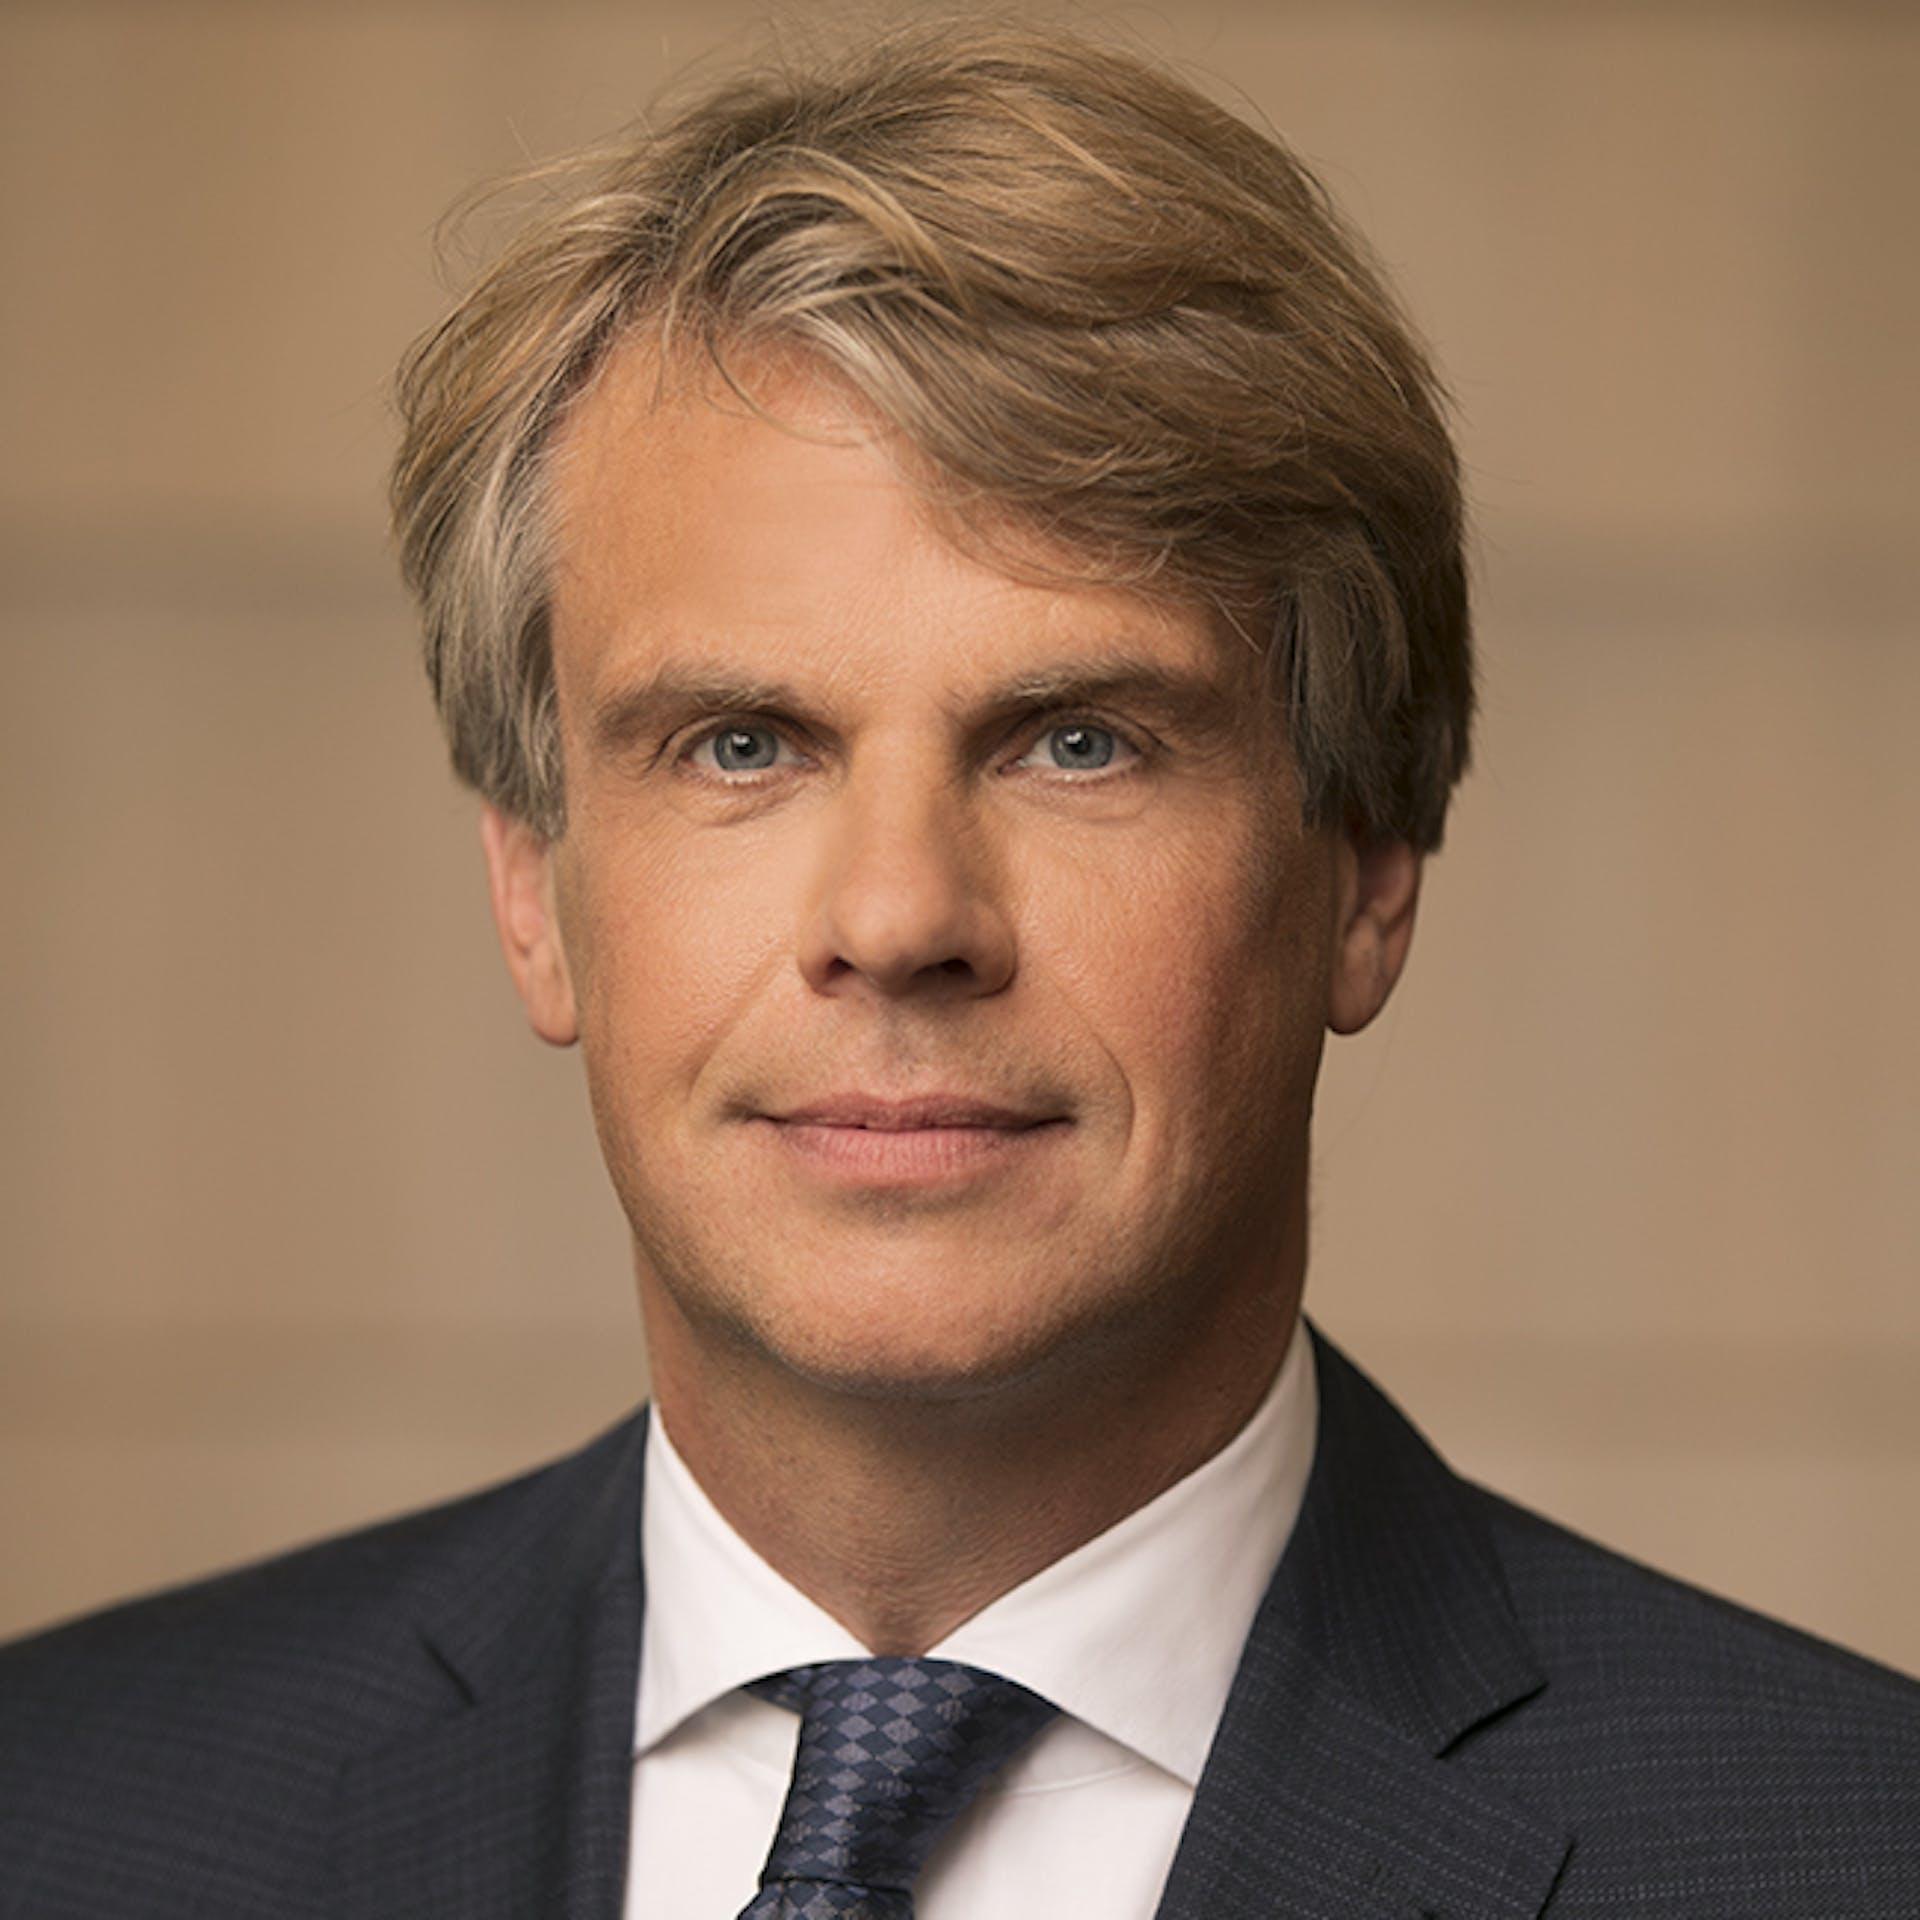 Ólafur Páll Gunnarsson